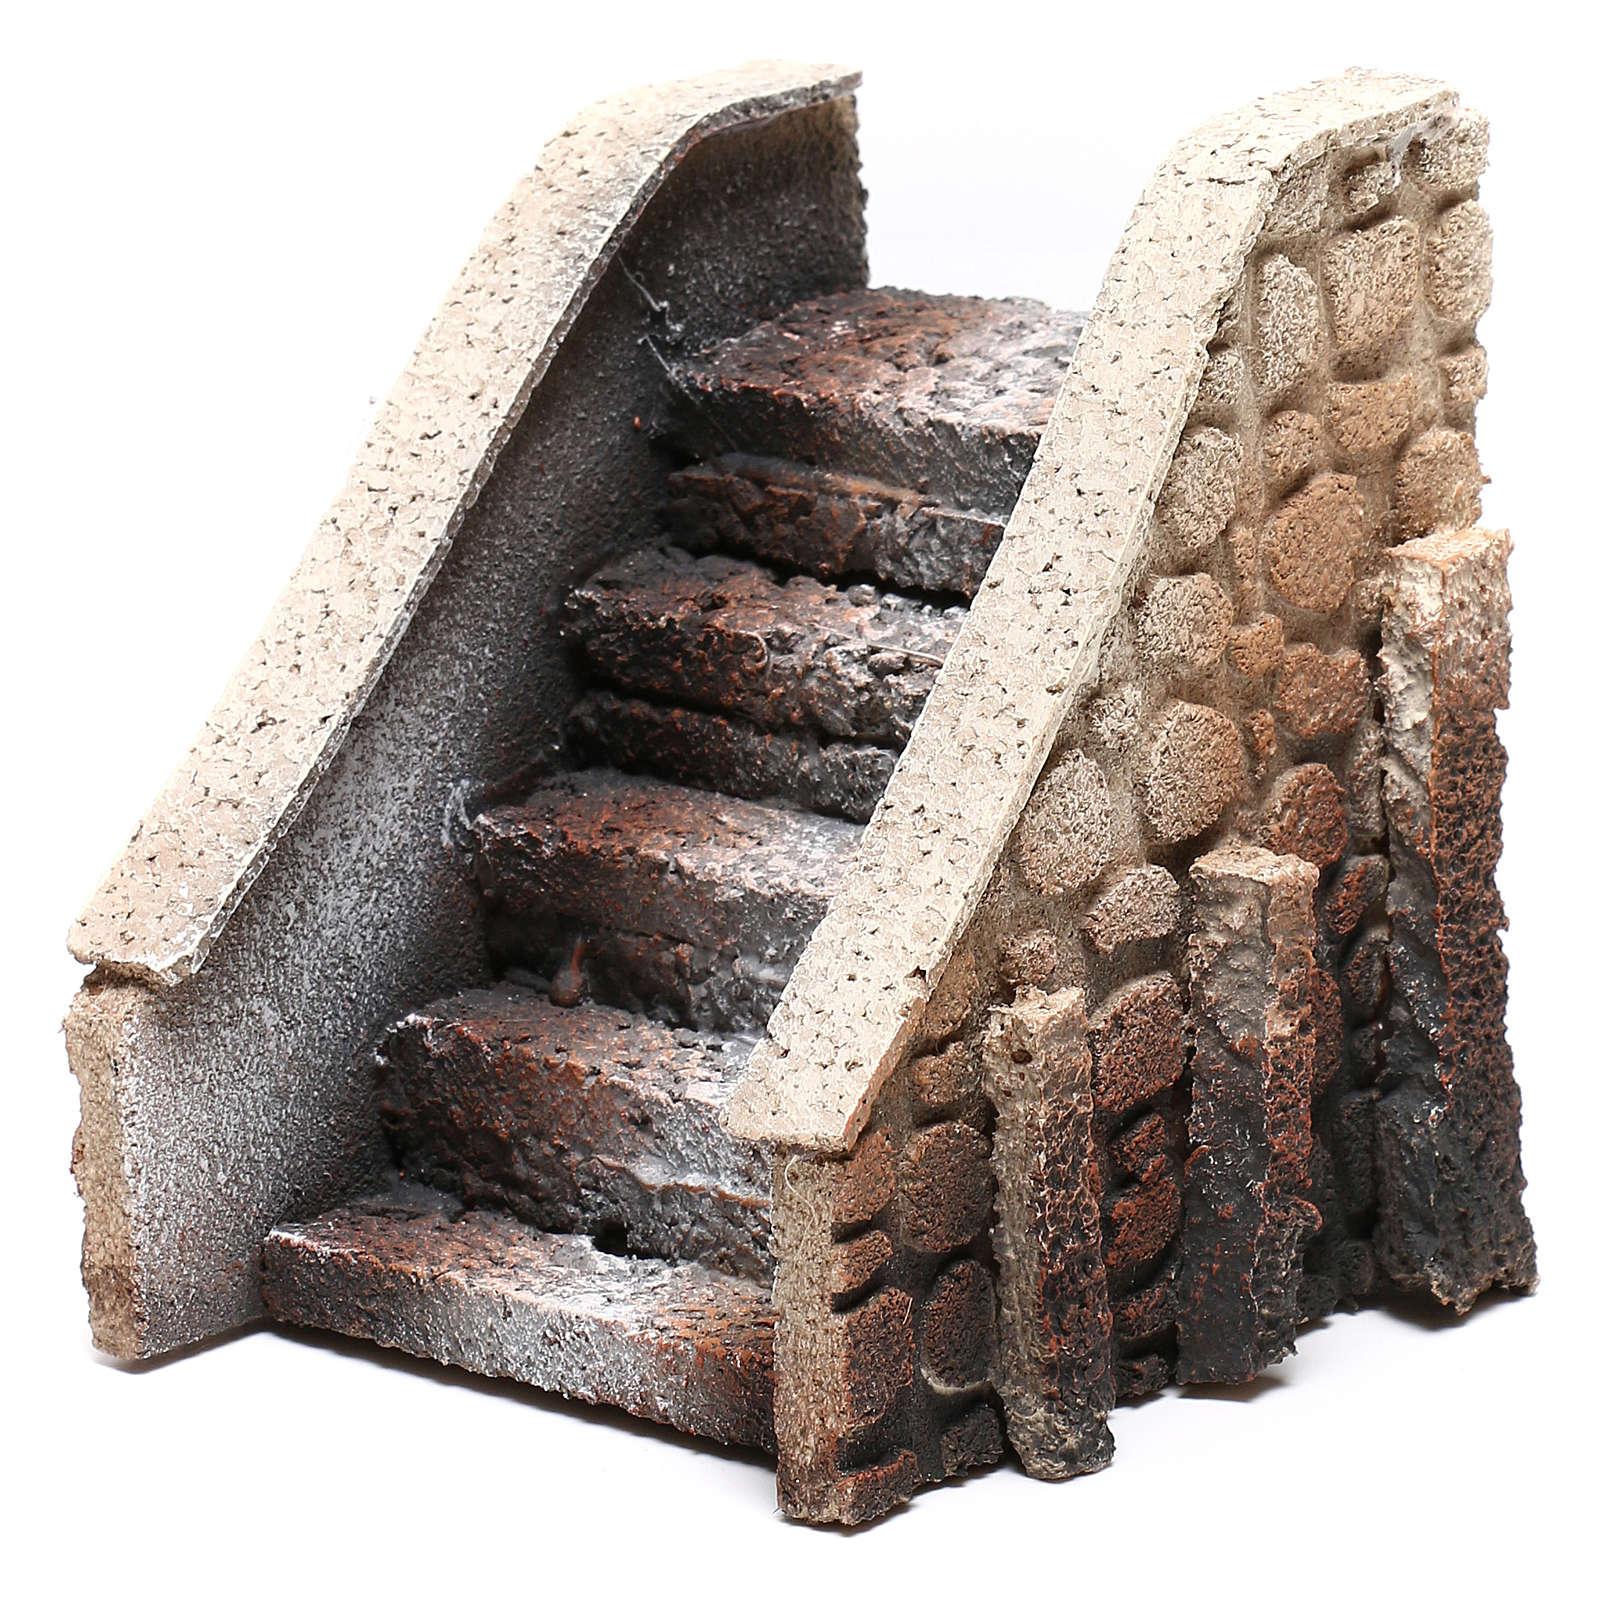 Escalera belén corcho 14x12x11 cm 4